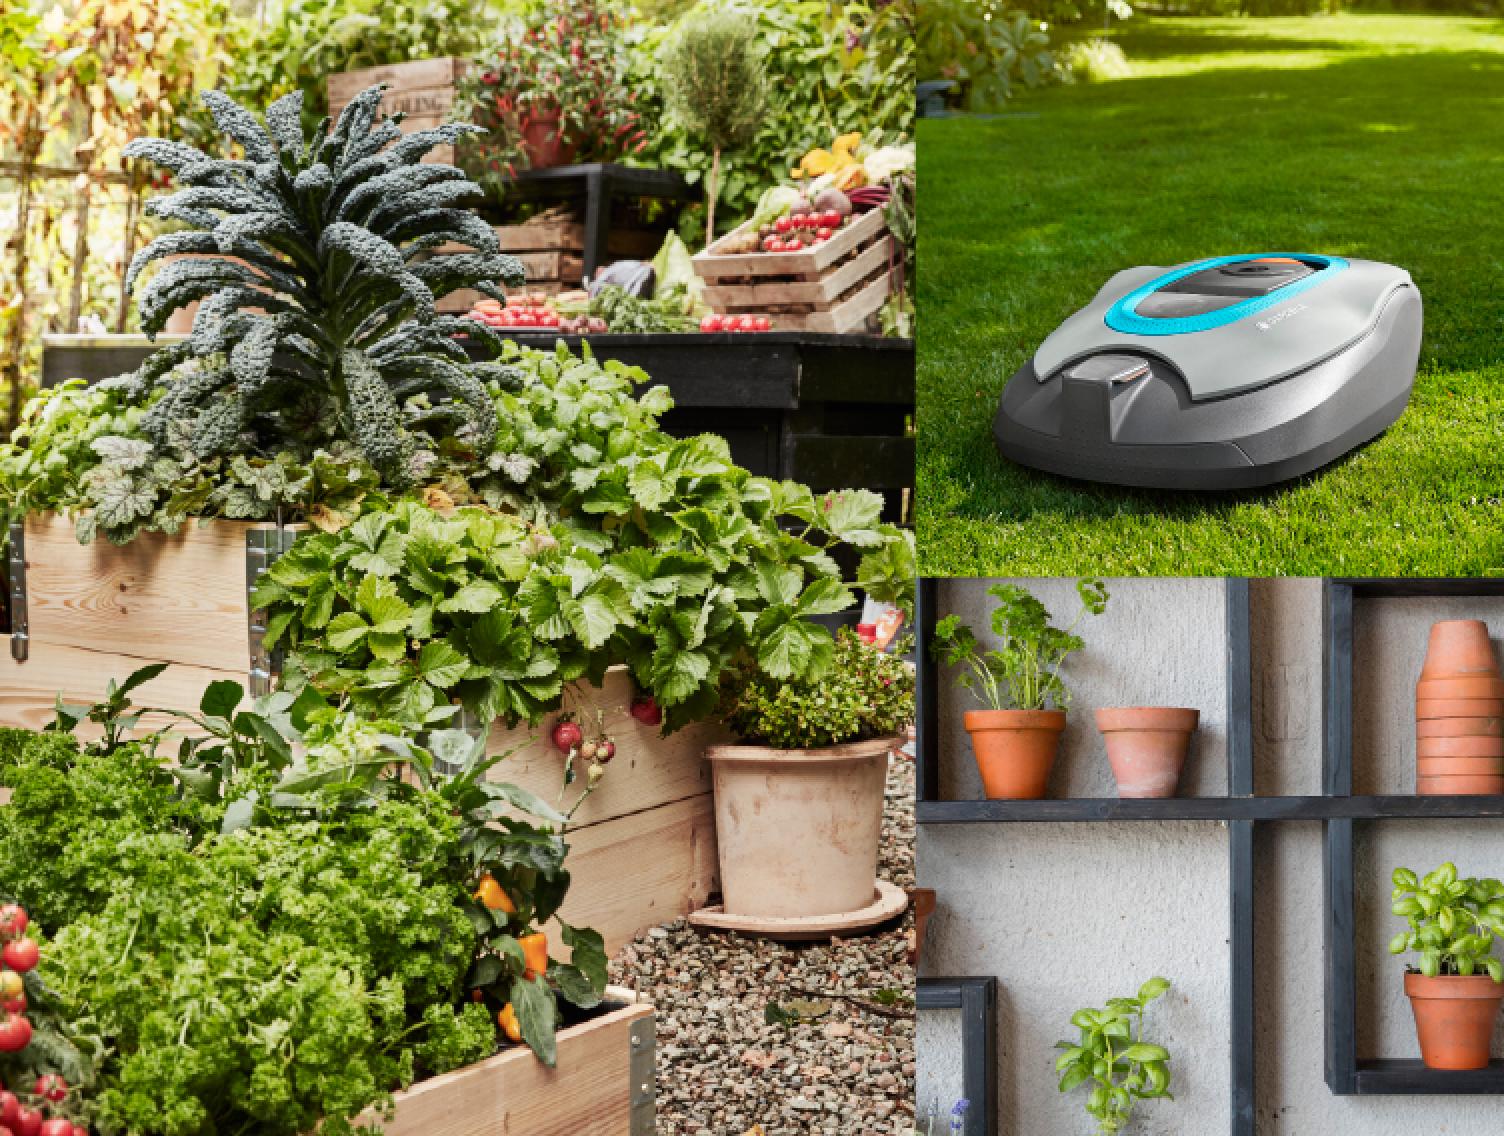 Tekniska lösningar, hemodlat och snygg inredning, det är våra trädgårdsdrömmar just nu.